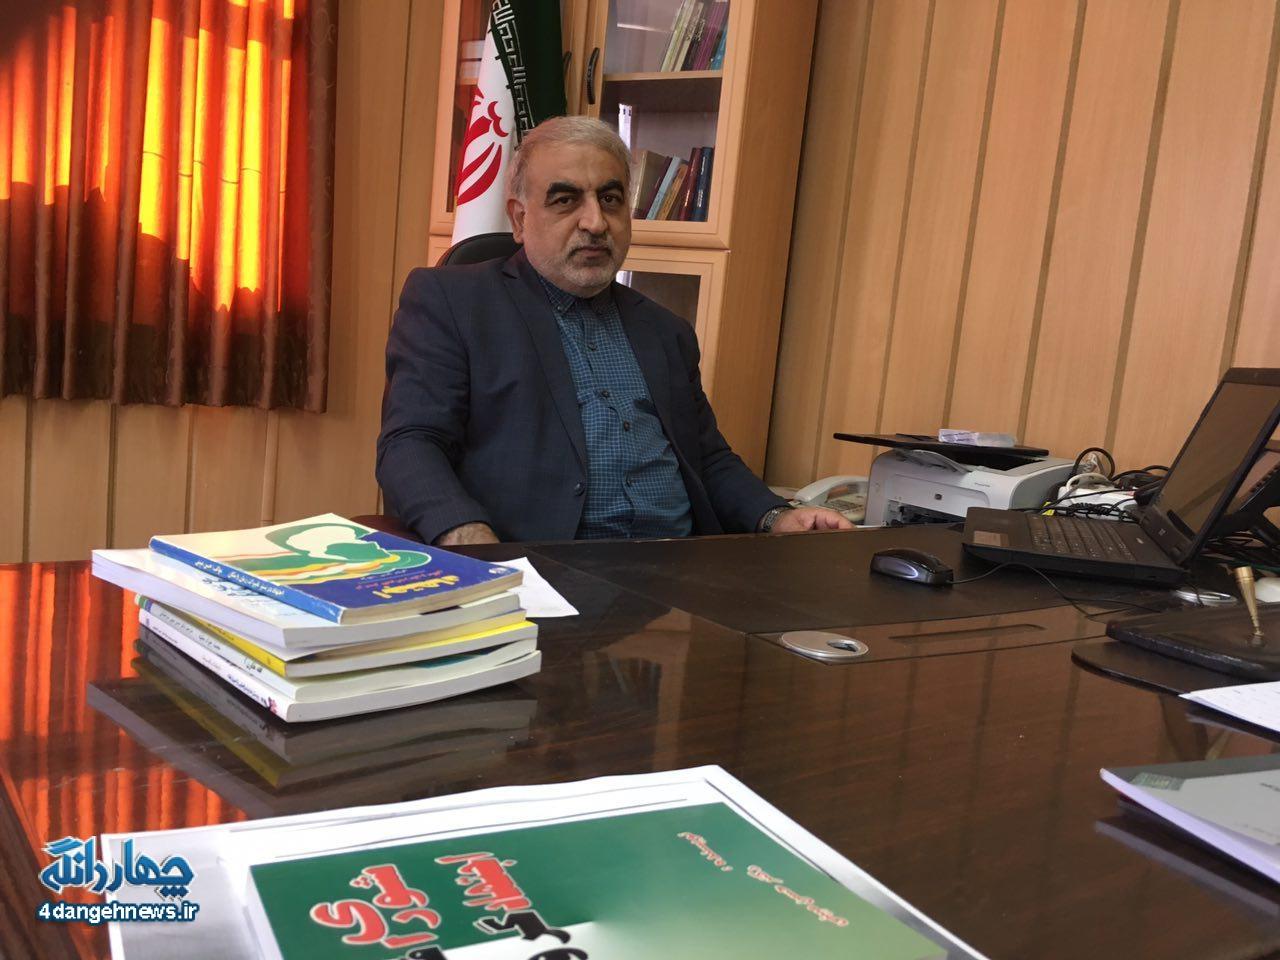 گفتگوی اختصای پایگاه خبری چهاردانگه با رییس دانشگاه پیام نور ساری